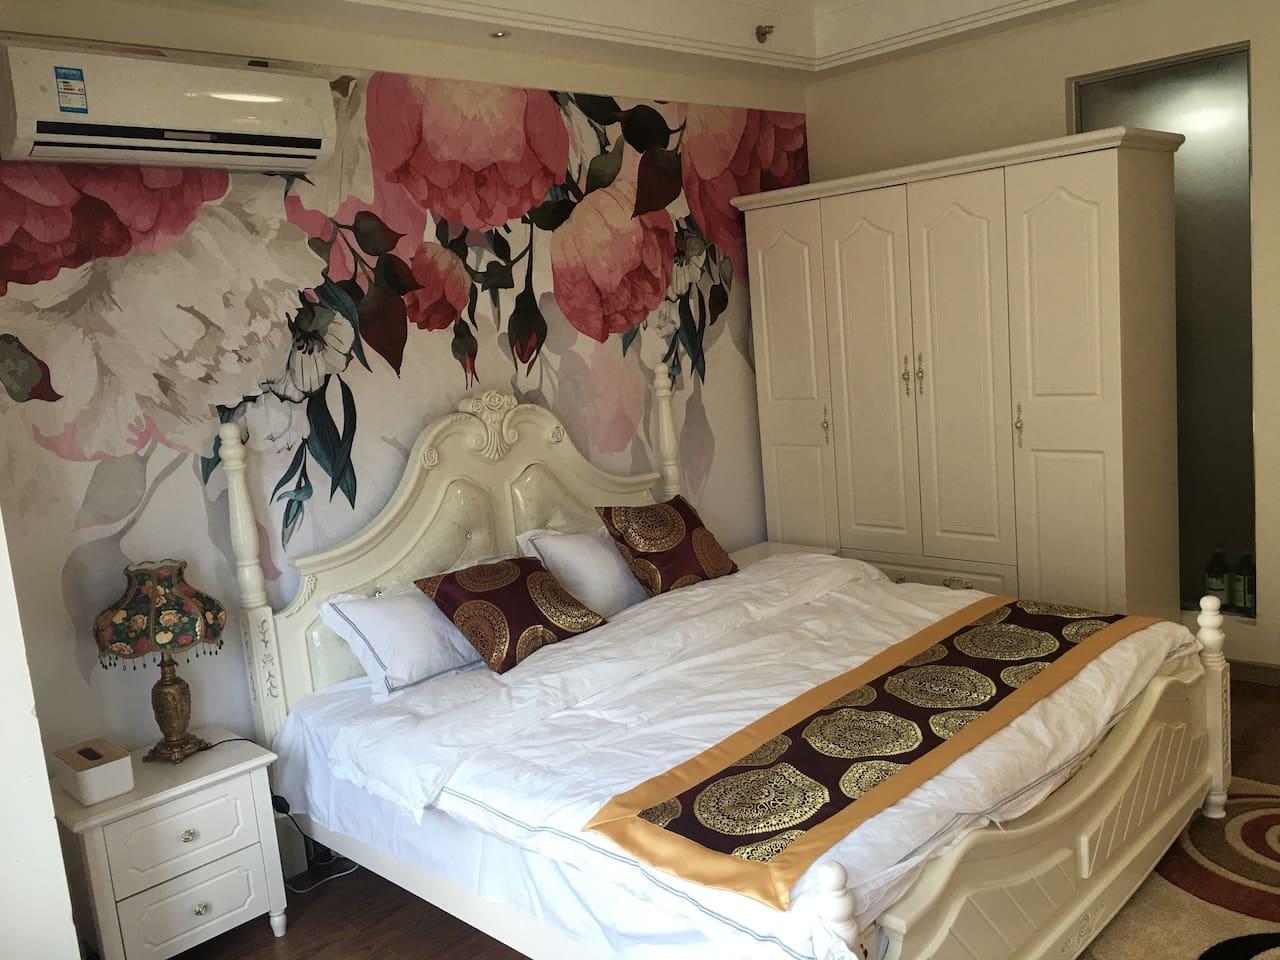 干净整洁、温馨的欧式风格的大床房,会让你有不一样的入住体验